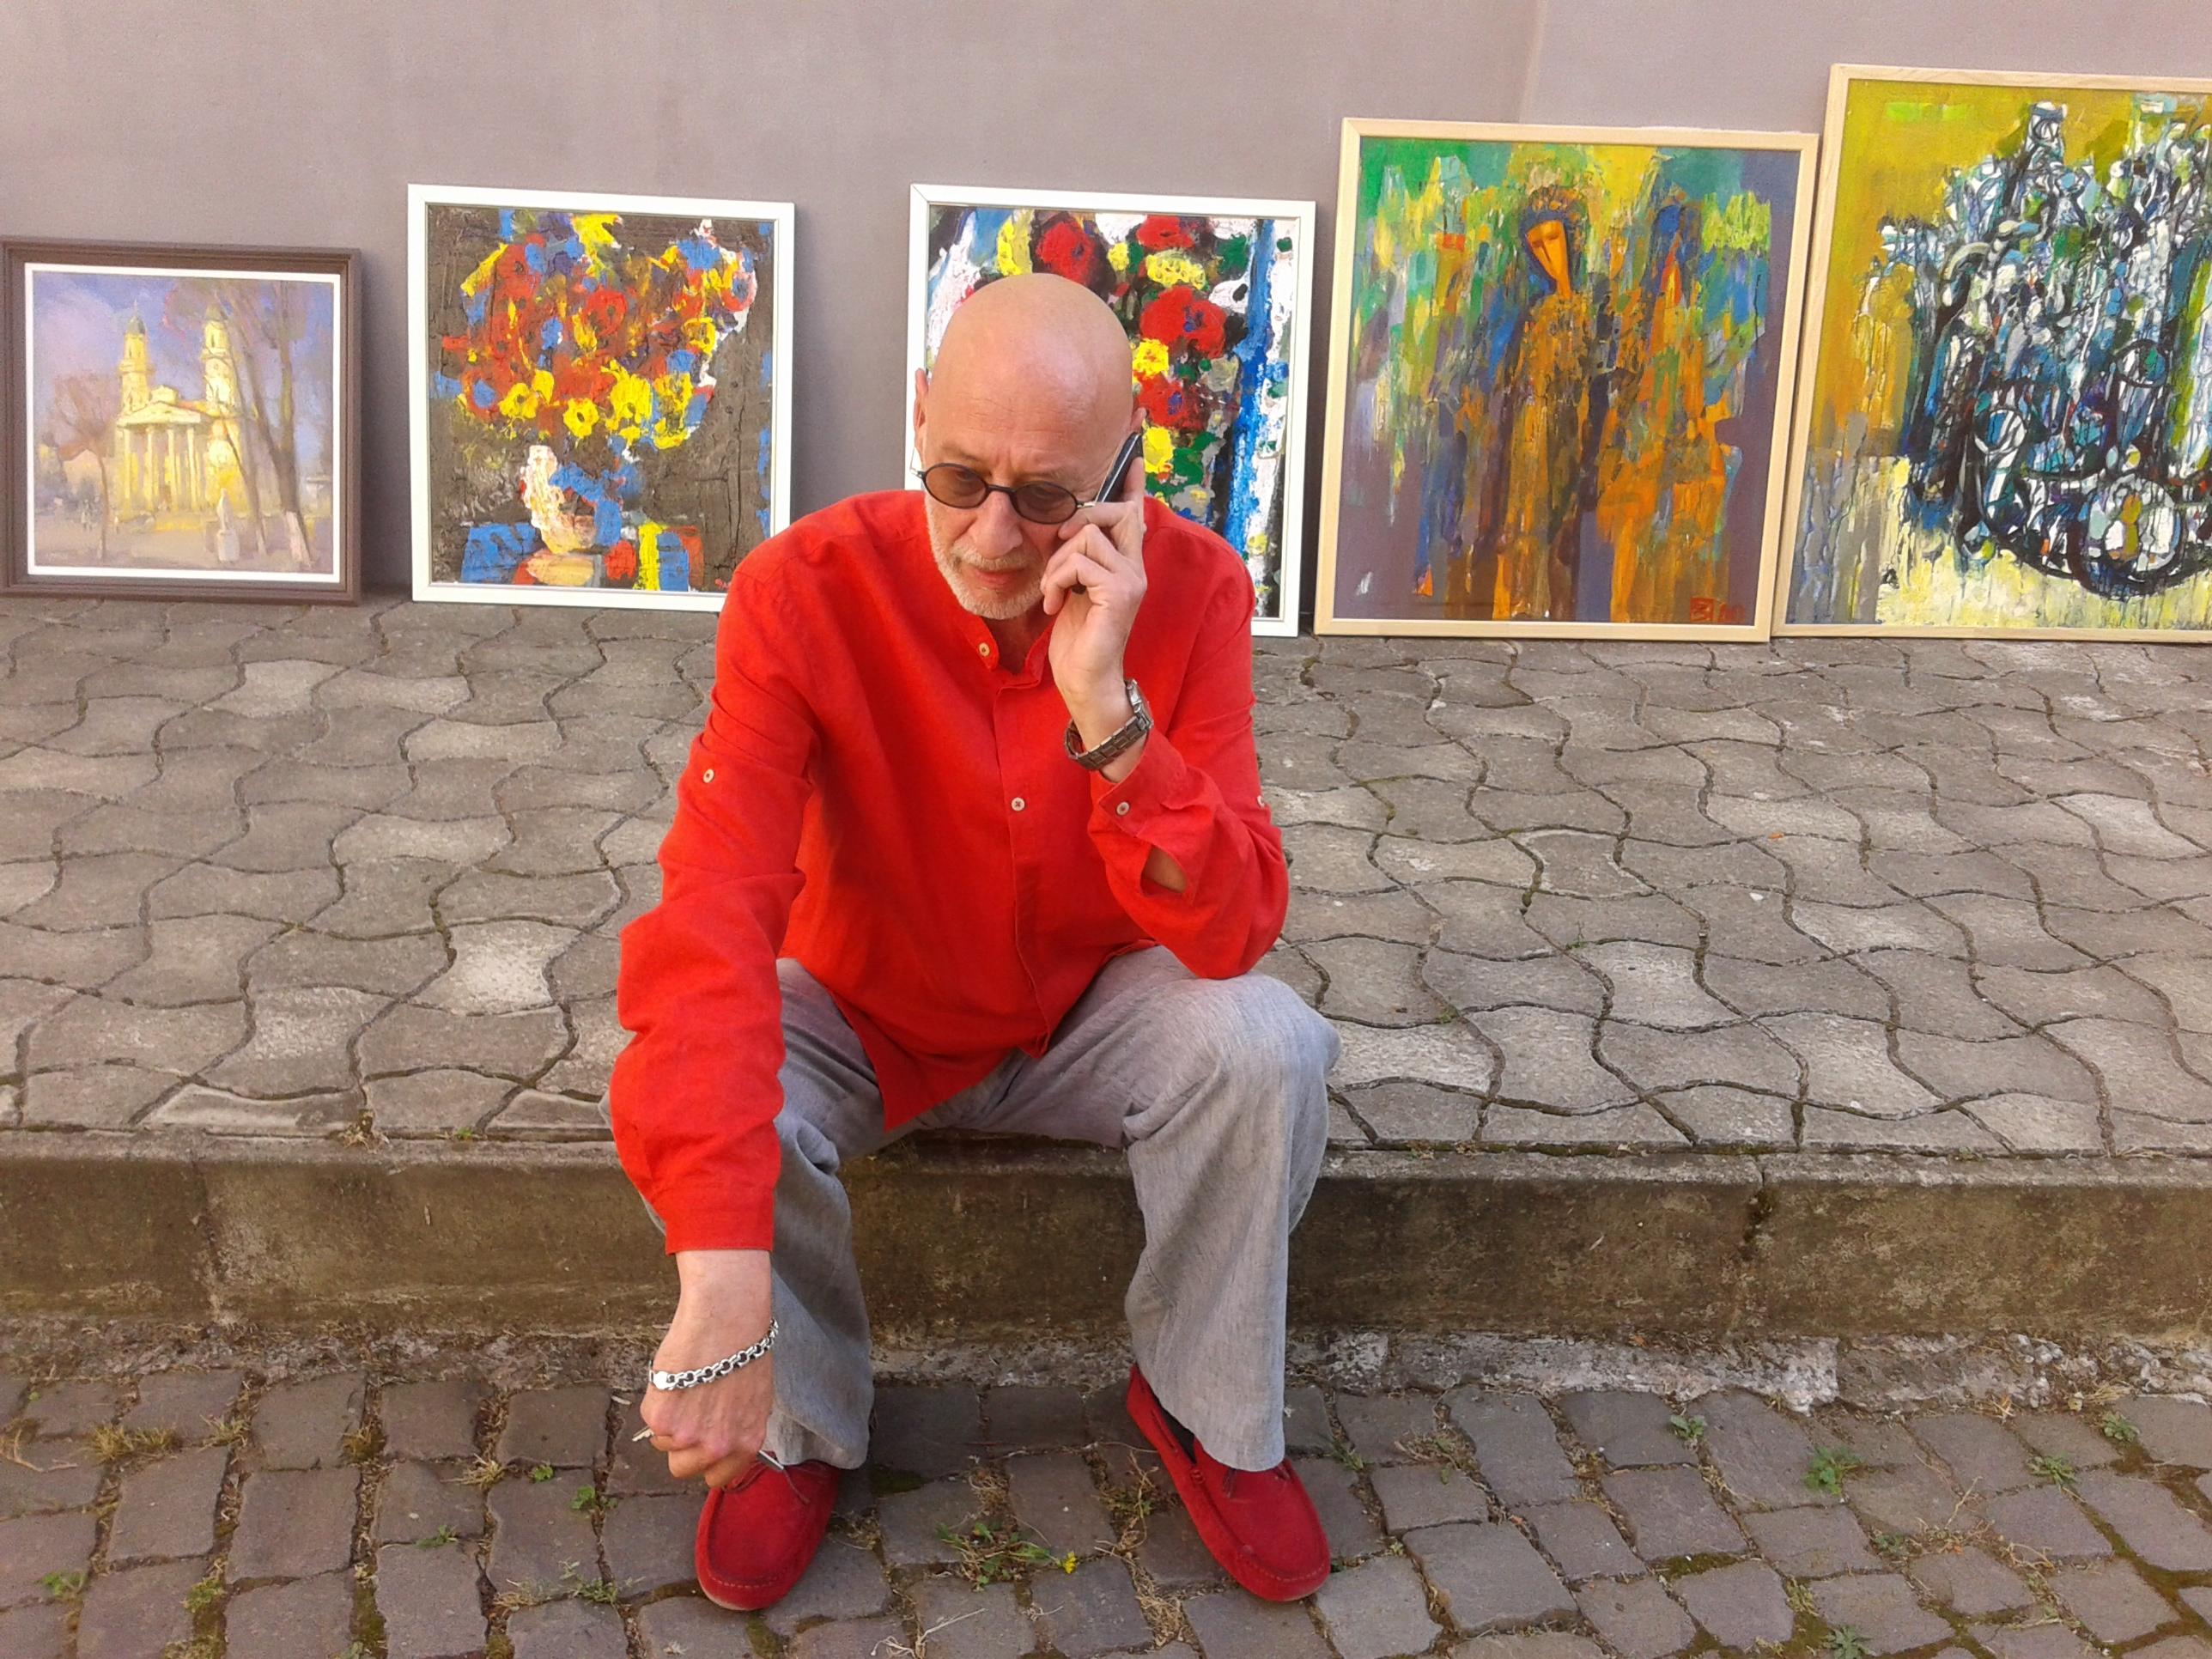 Картин на 120 тисяч гривень зібрали в музейному дворику